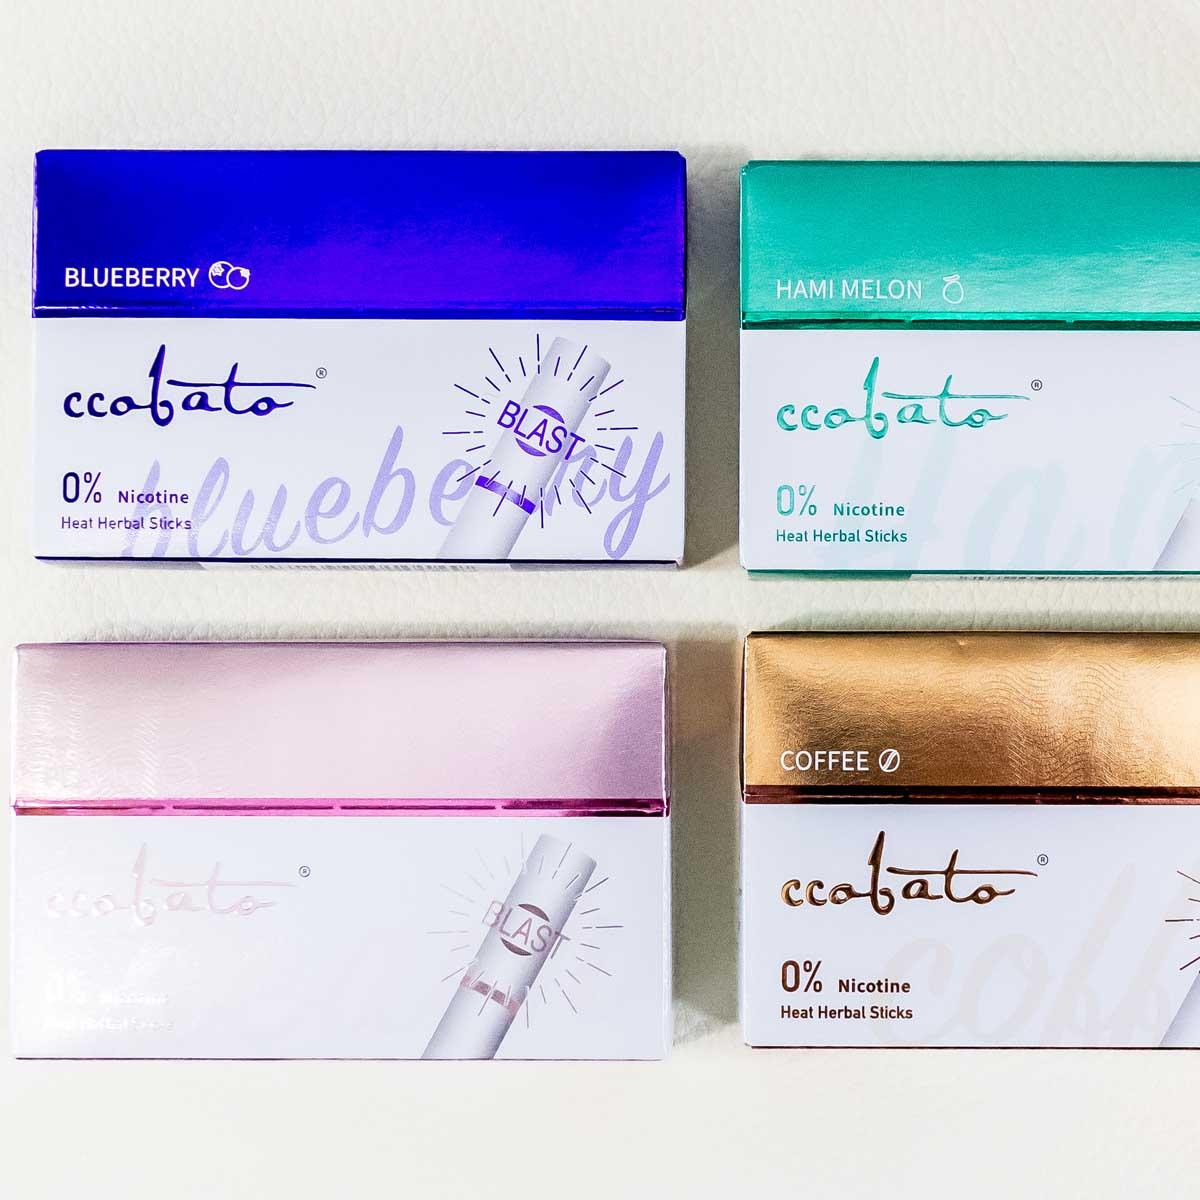 カプセルメンソール入りのニコチン0スティック「ccobato(コバト)」4種を吸い比べ!